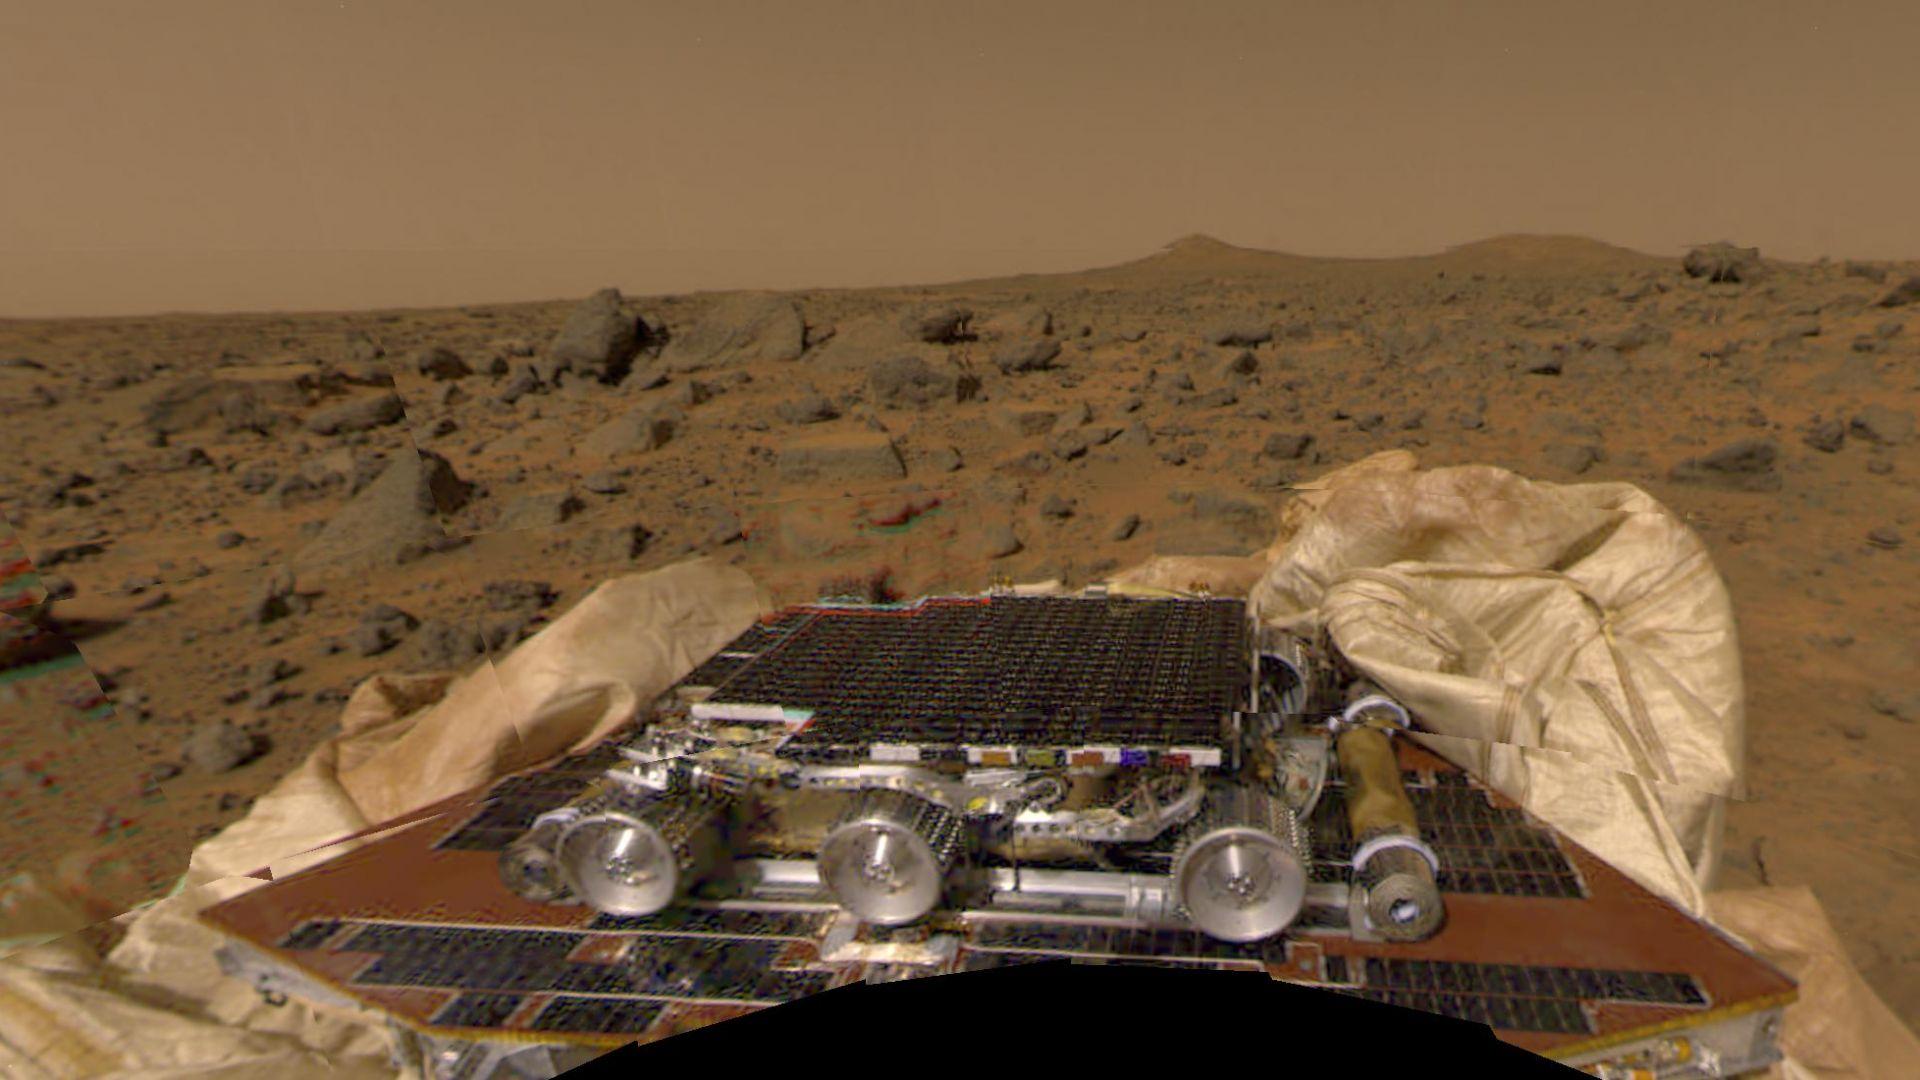 22 години от кацането на първия роувър на Марс